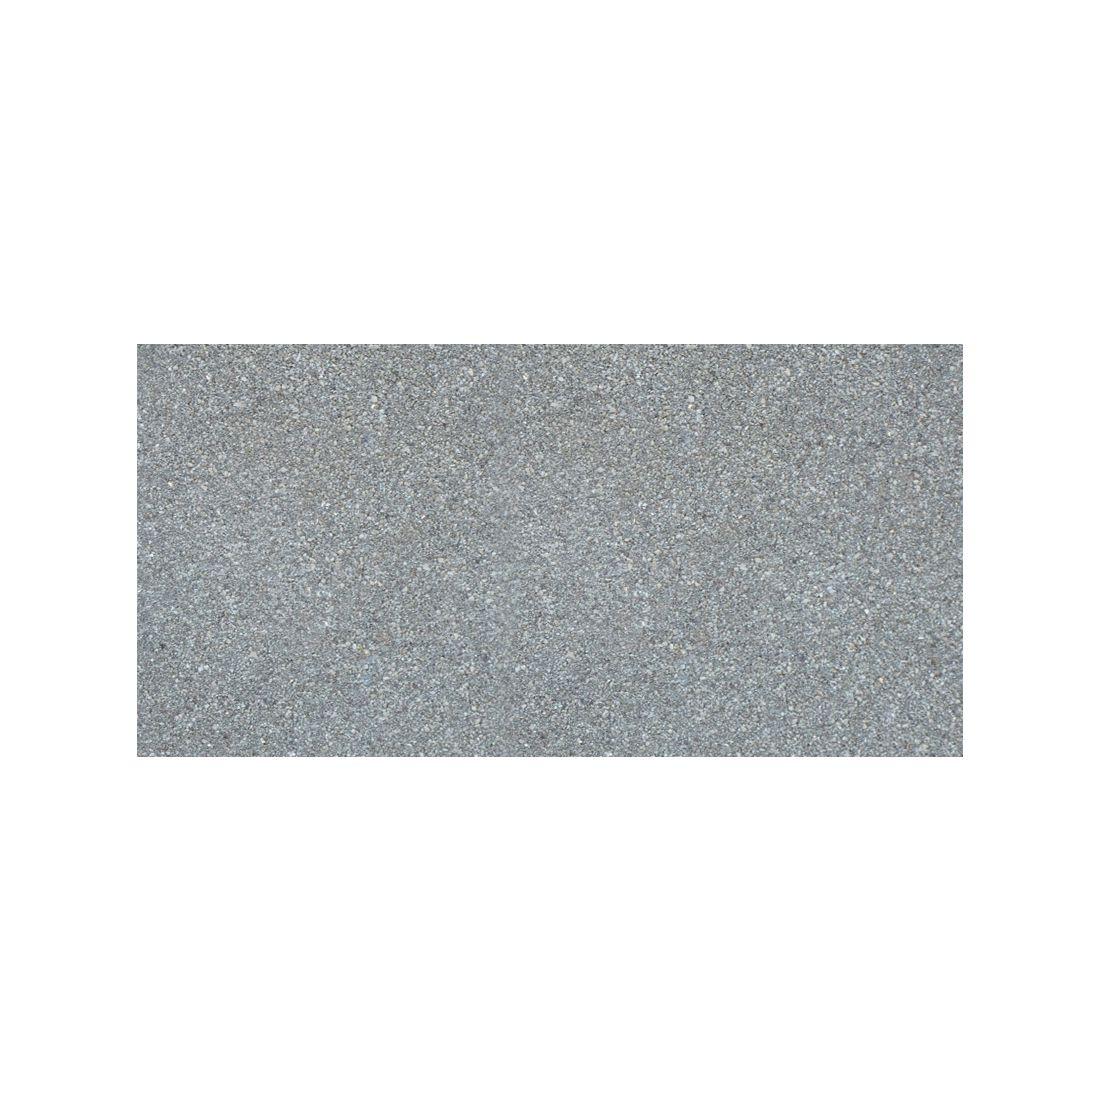 Hydropaver Grey 600 x 300 x 55mm